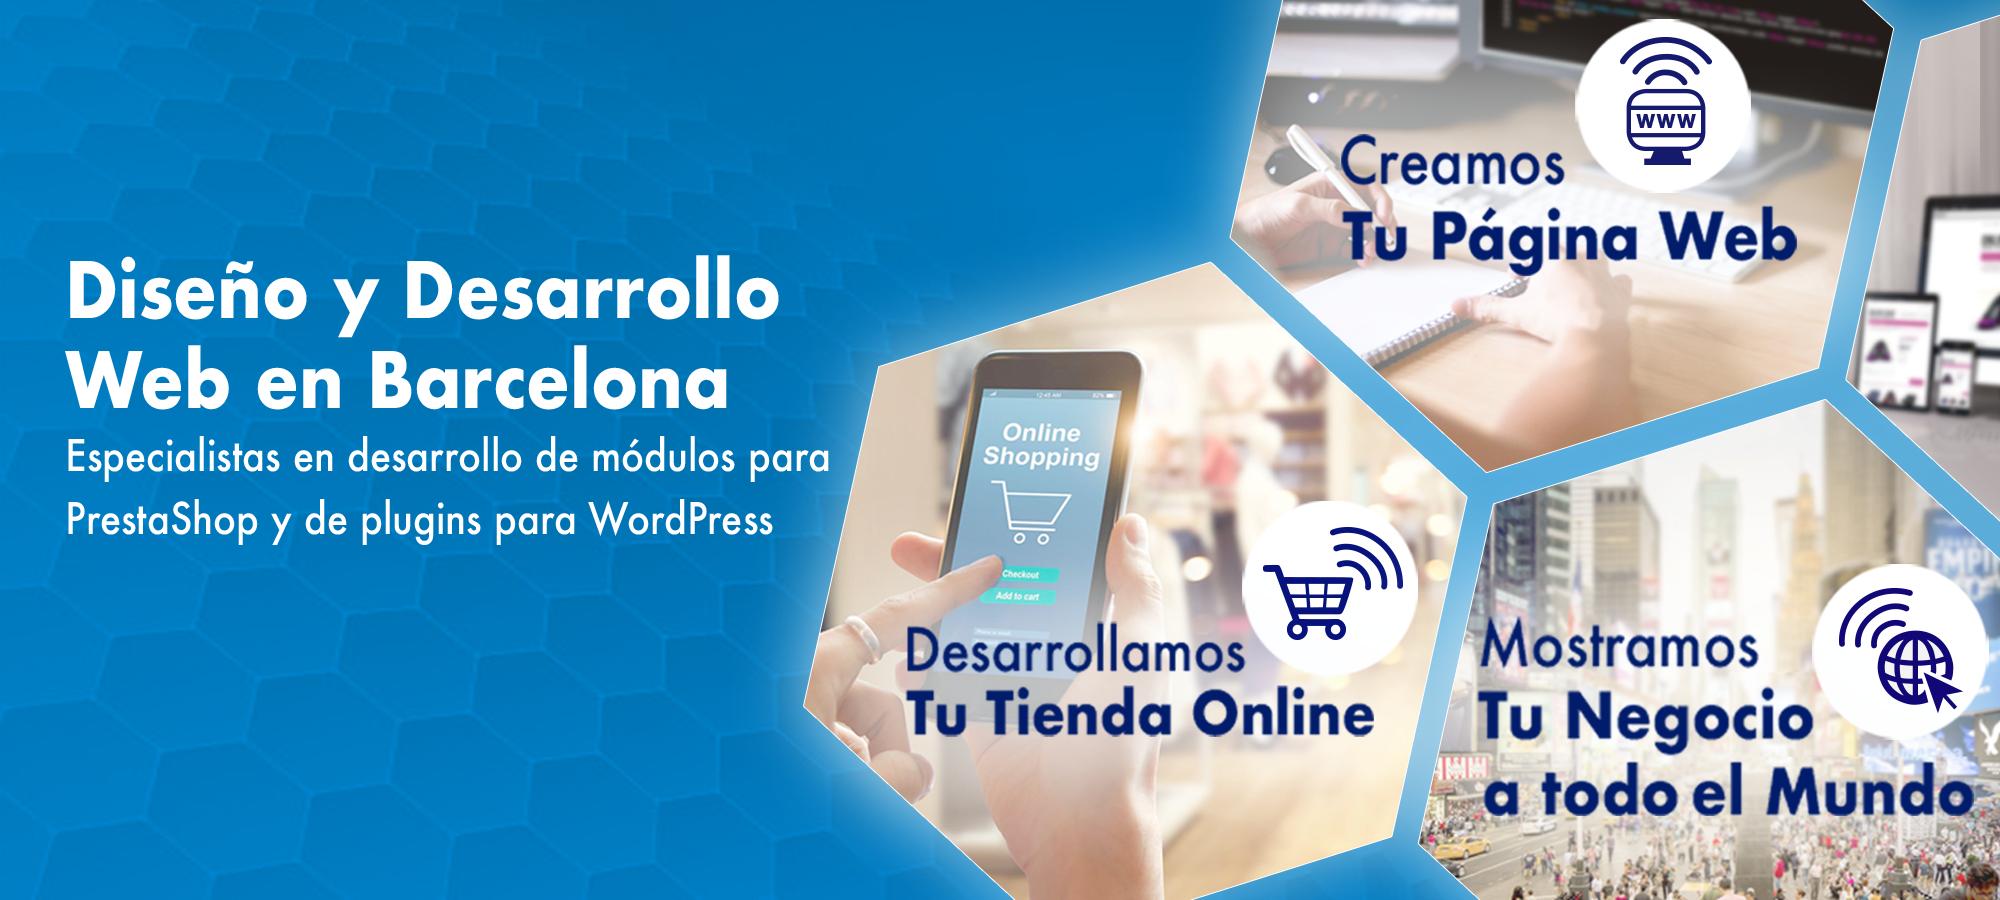 Desarrollamos tu tienda online. Creamos tu página web. Mostramos tu negocio a todo el mundo